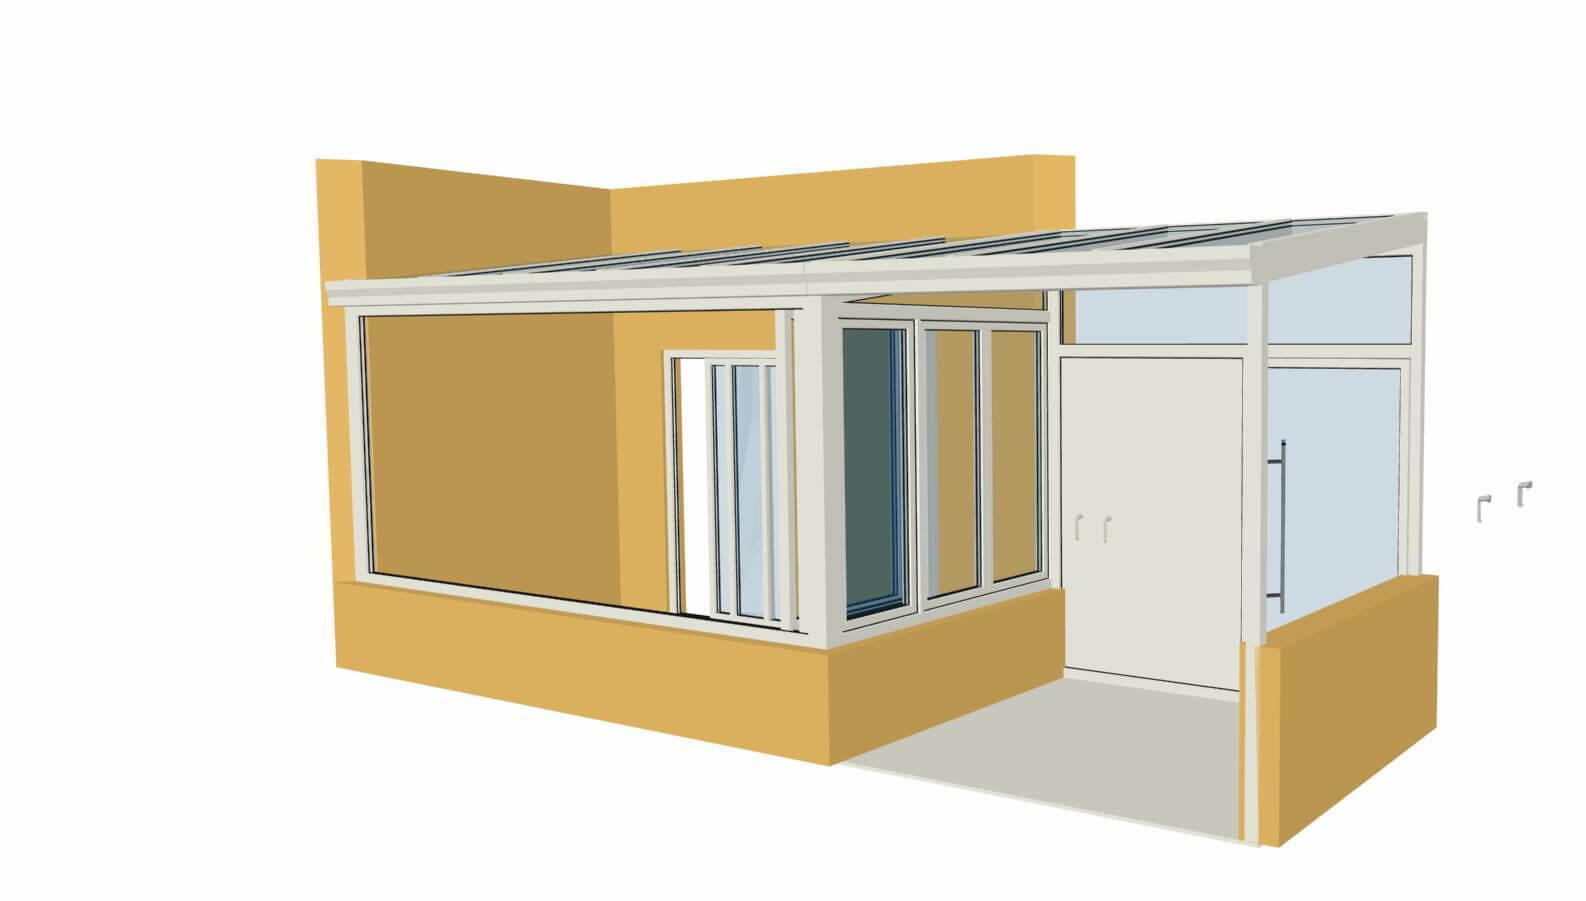 Wintergarten Planung Beispiele/Referenzen